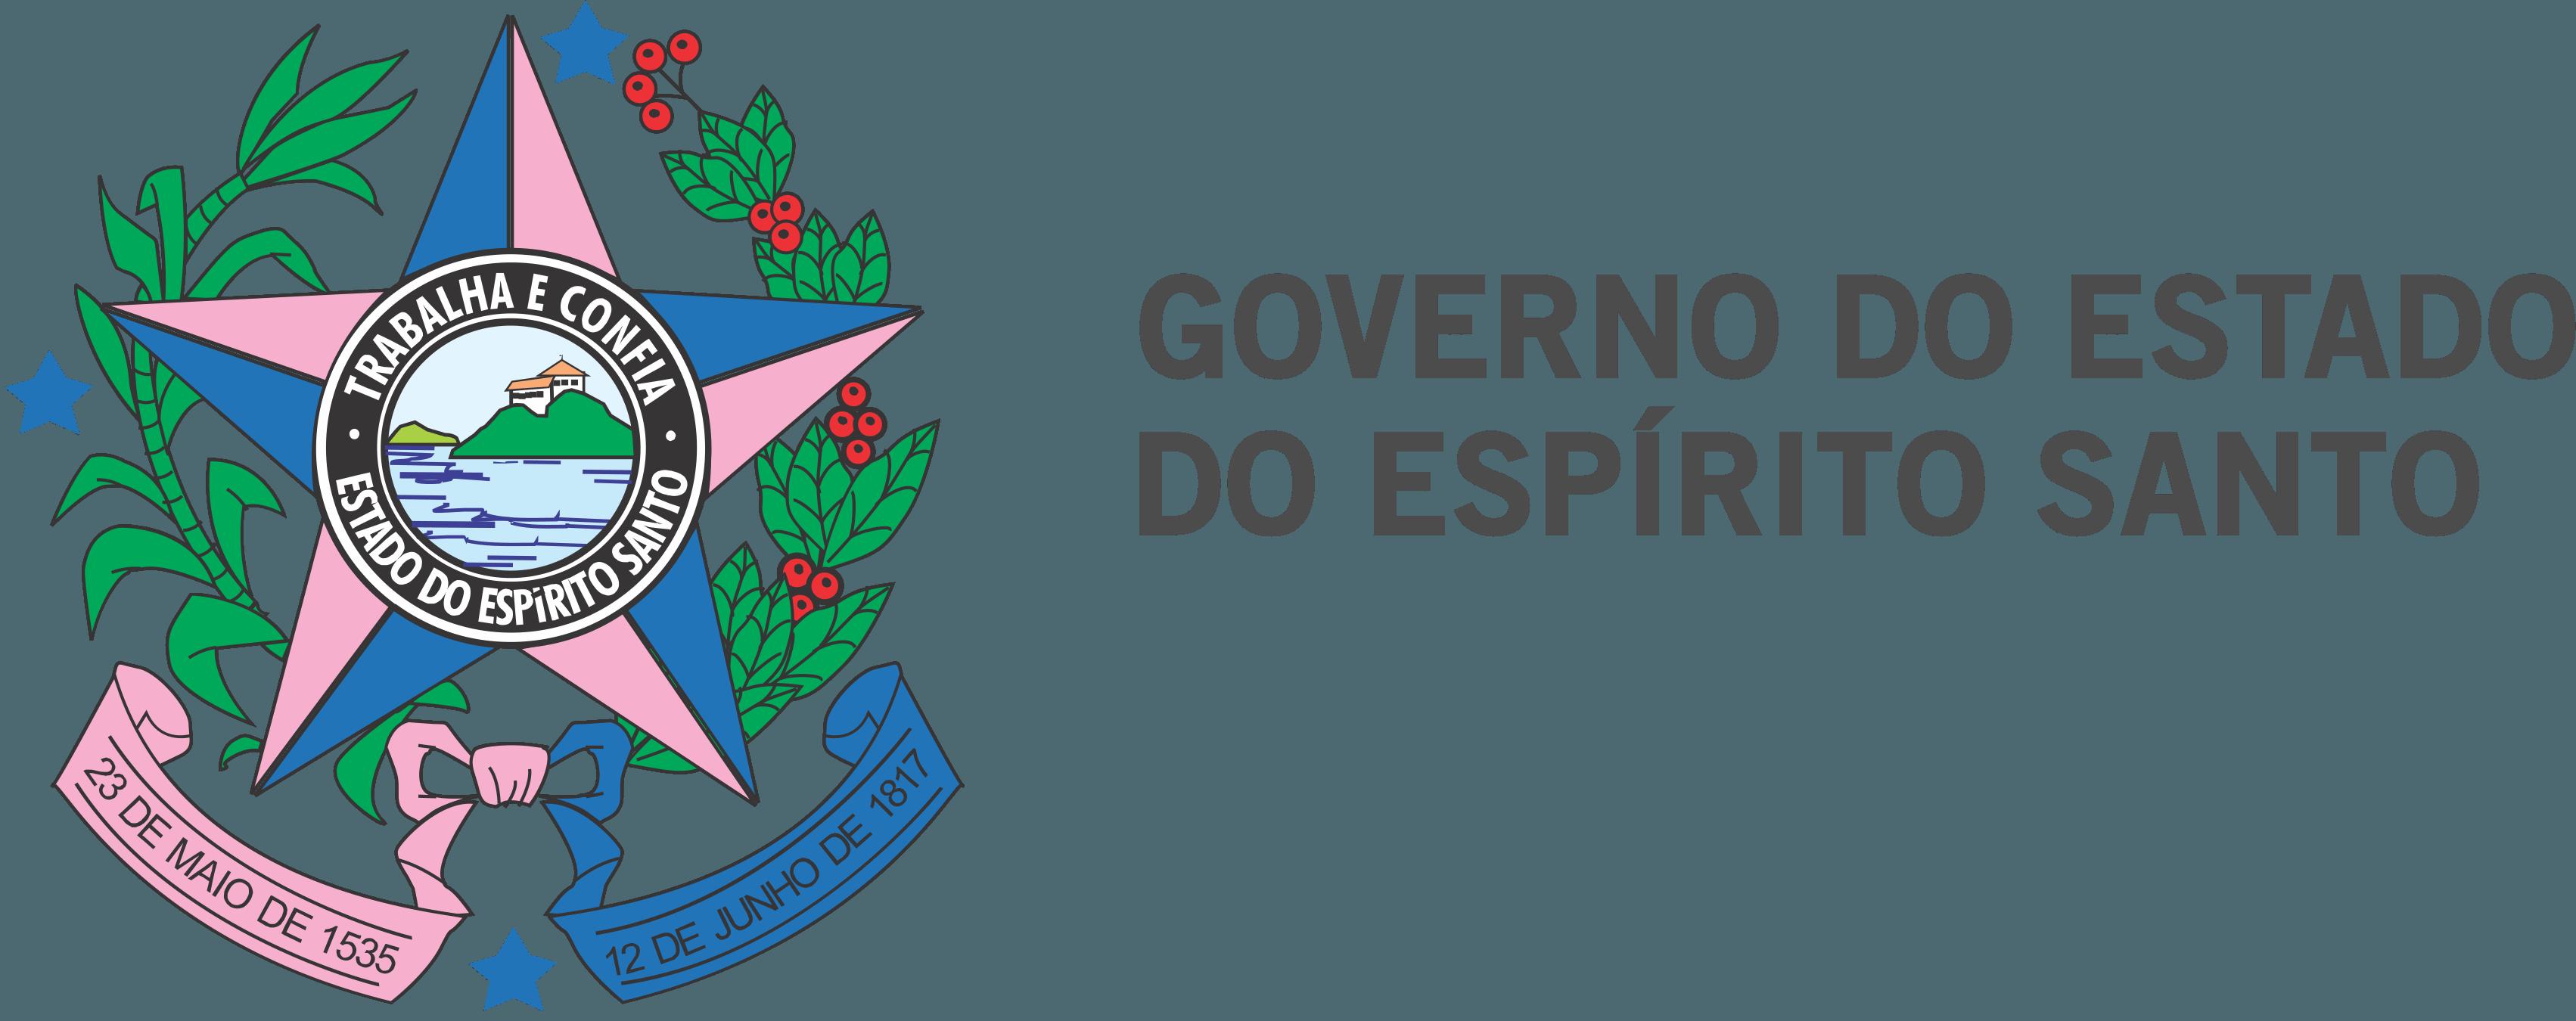 1161be2130 Identidade Visual ES - Brasão do Governo